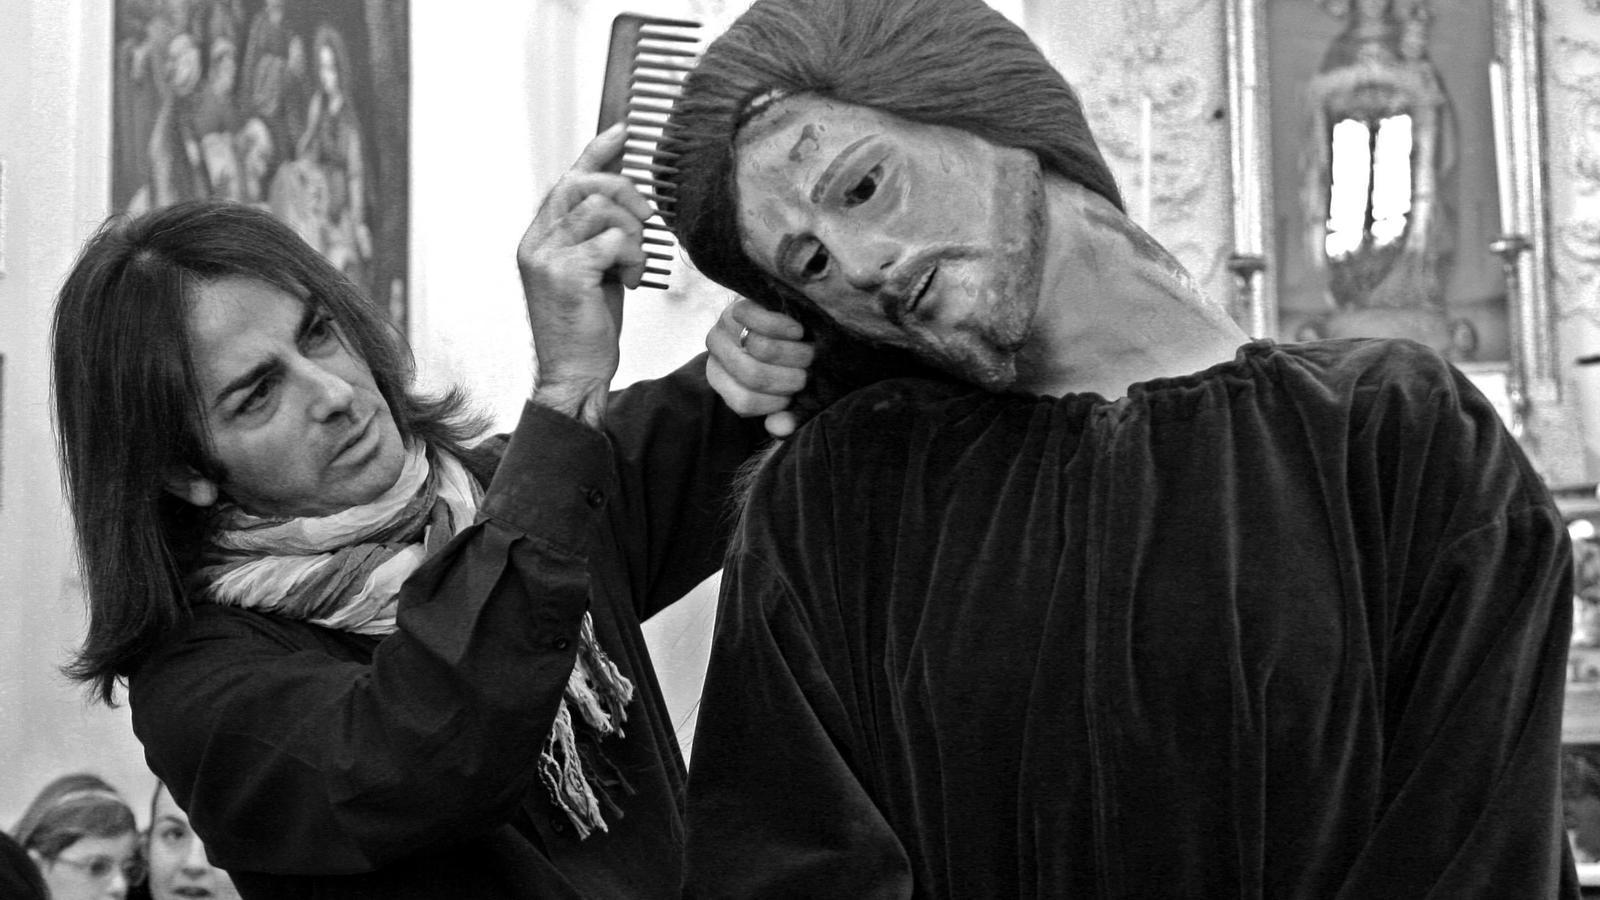 A l'església Madonna delle Grazie de la localitat de Butera, un perruquer local esforçant-se amb dedicació a arreglar els cabells de la figura de Crist un dia abans de treure'l a la processó del Divendres Sant.